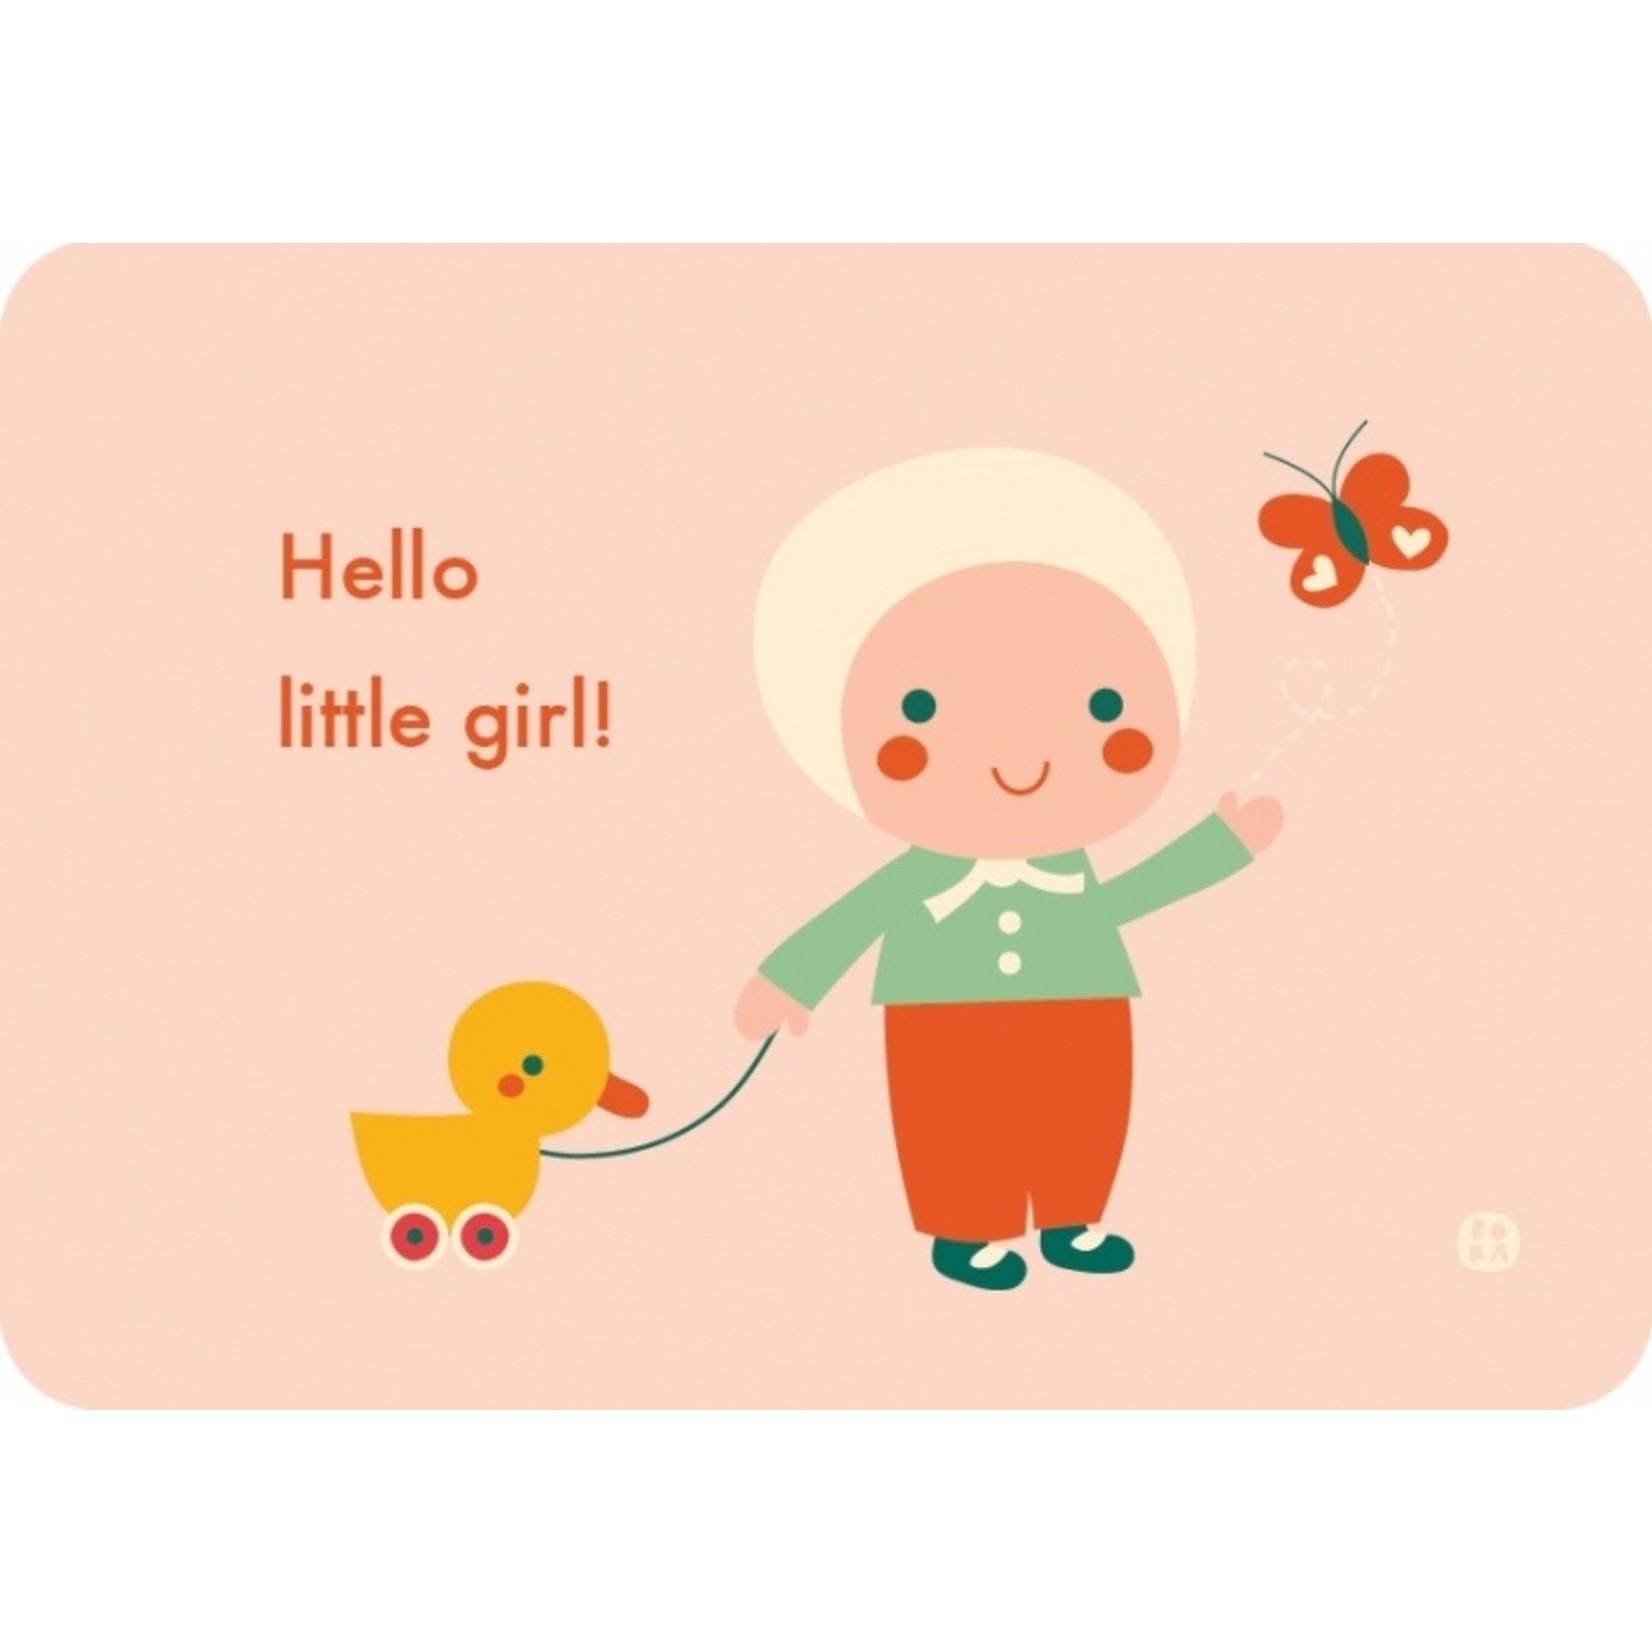 Kaart Hello baby - Little girl